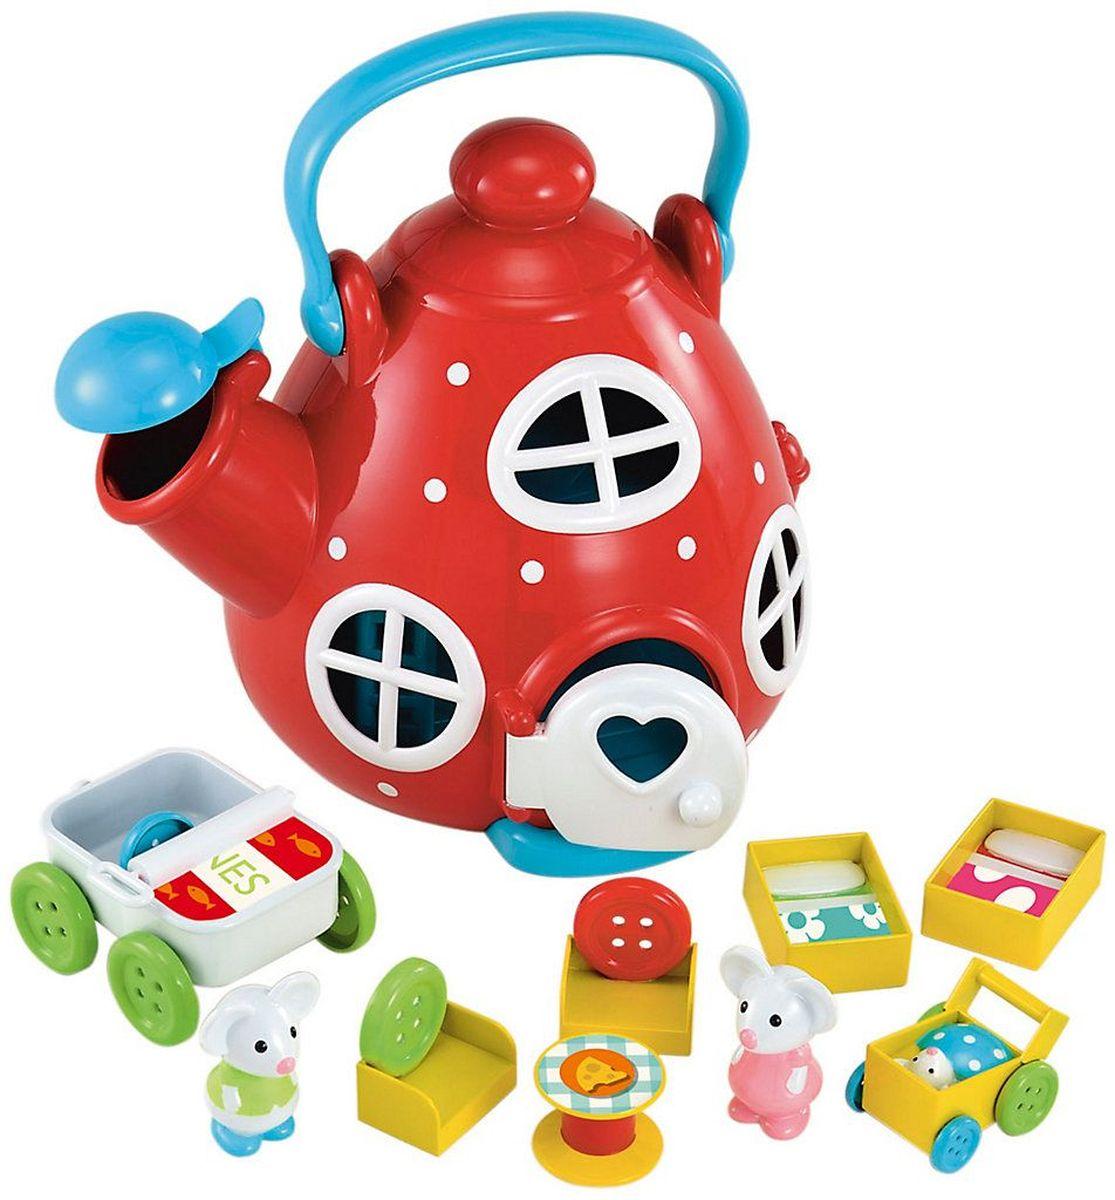 ELC Игровой набор игрушек Мышиный домик Чайник mitya veselkov часы настенные